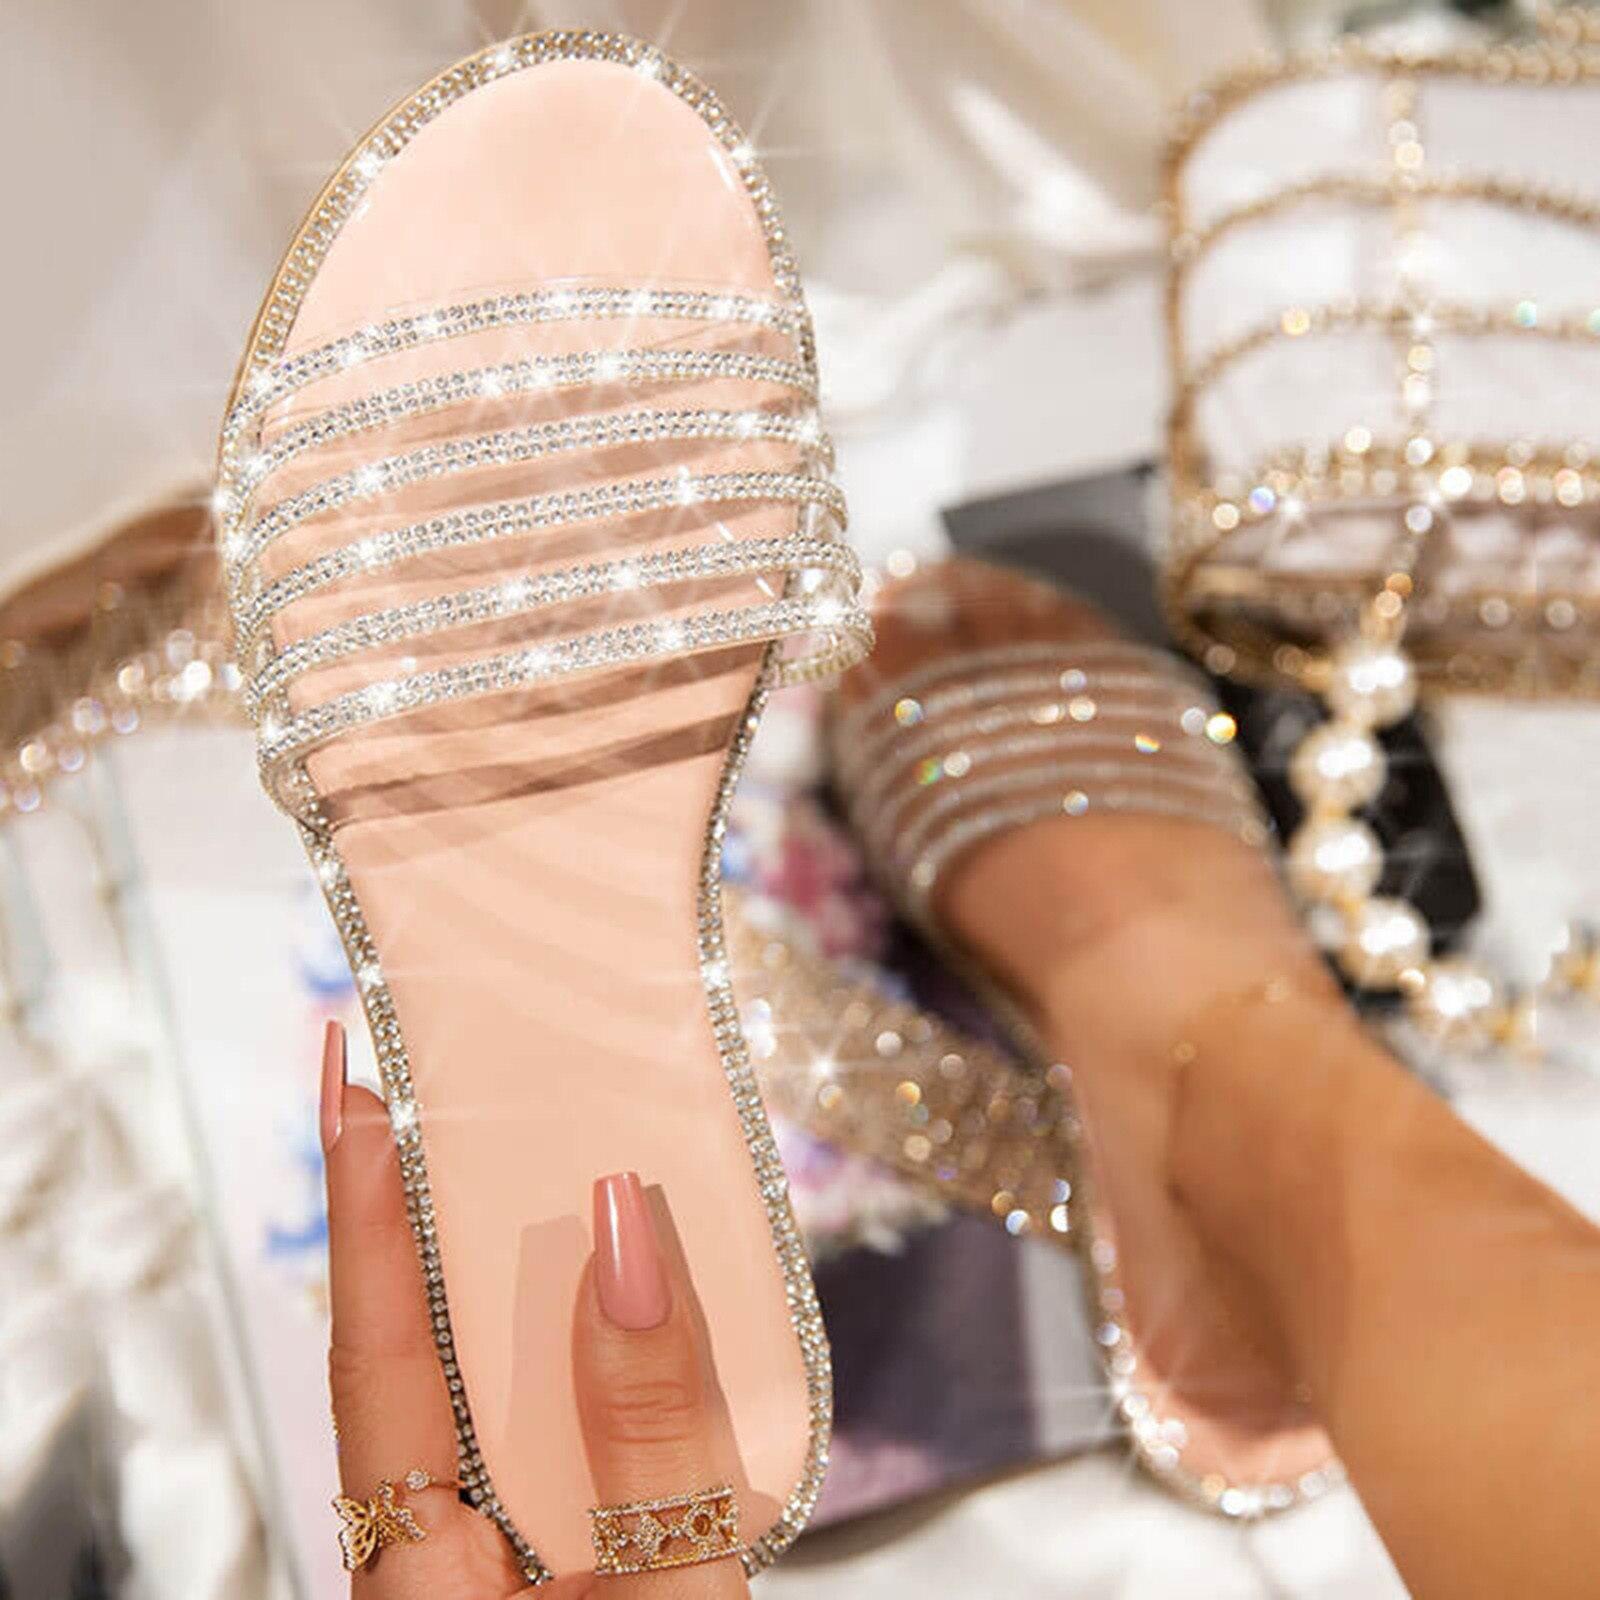 Sandalias con purpurina párr mujer de zapatos planos de cristal a la...